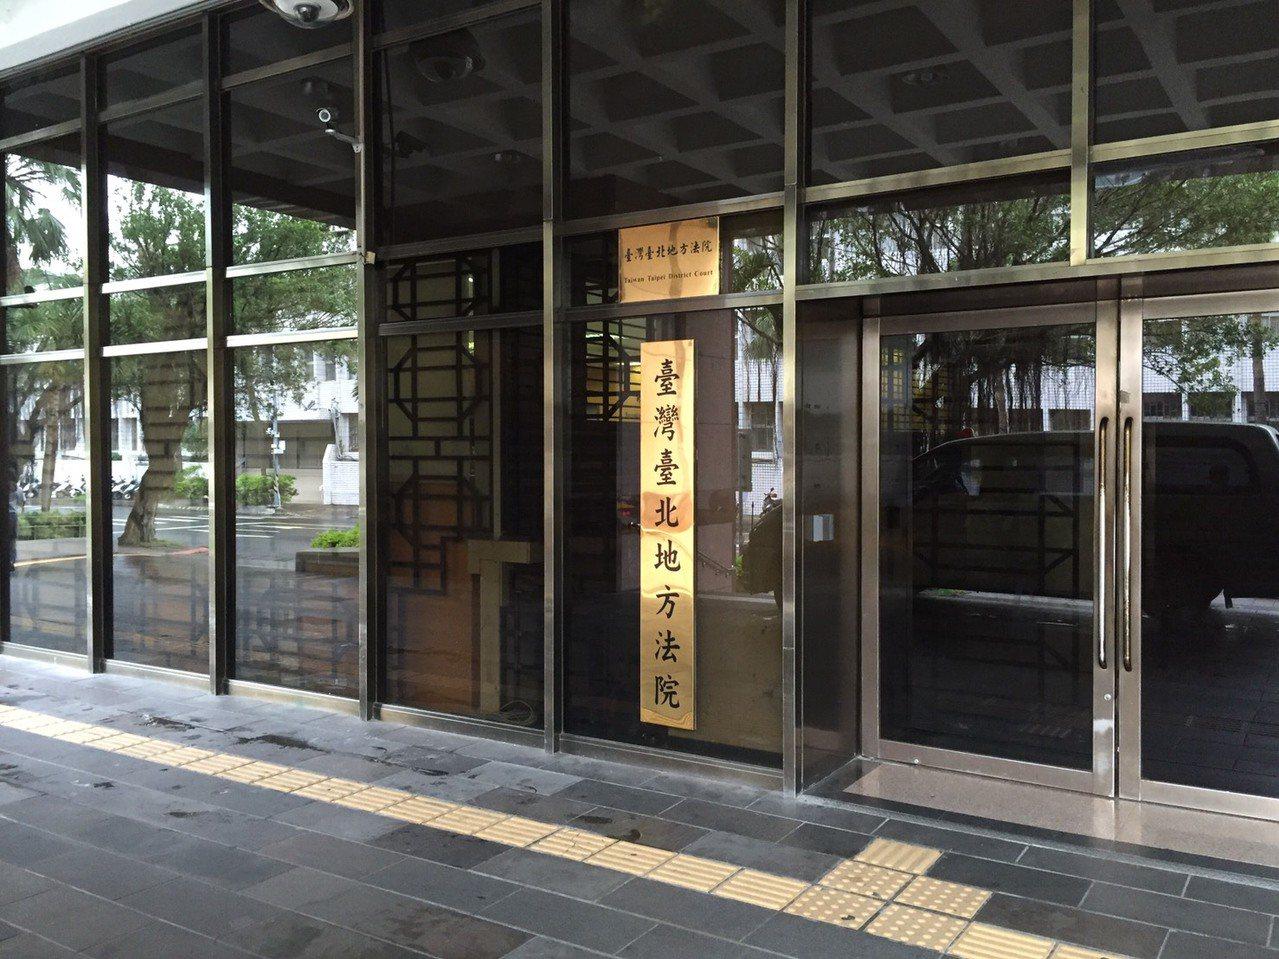 图为台北地院。记者王圣藜/摄影